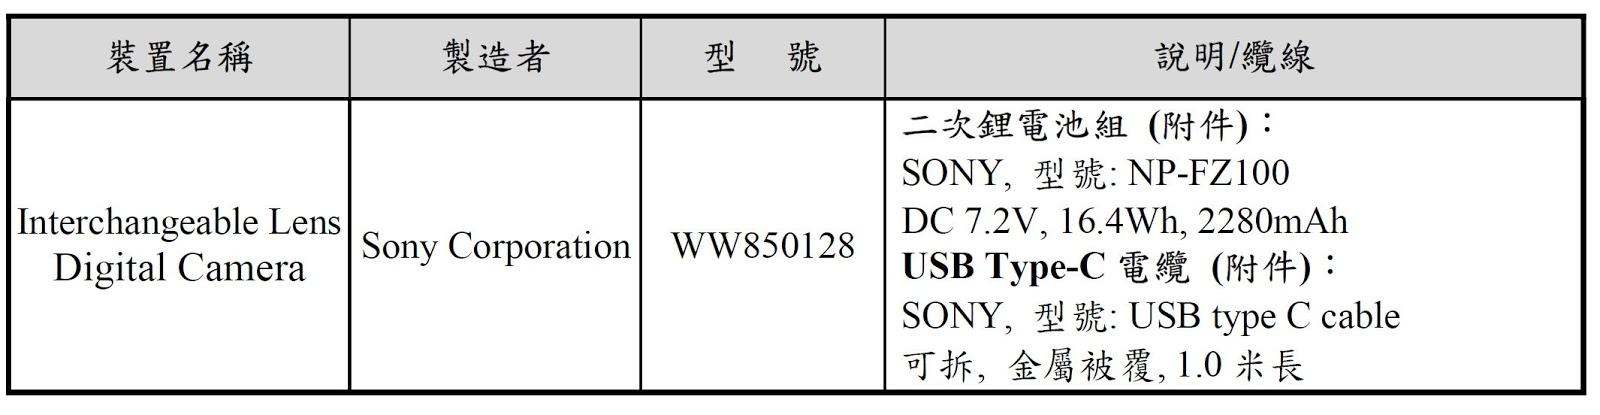 Таблица с информацией о камере Sony с кодовым обозначением WW850128